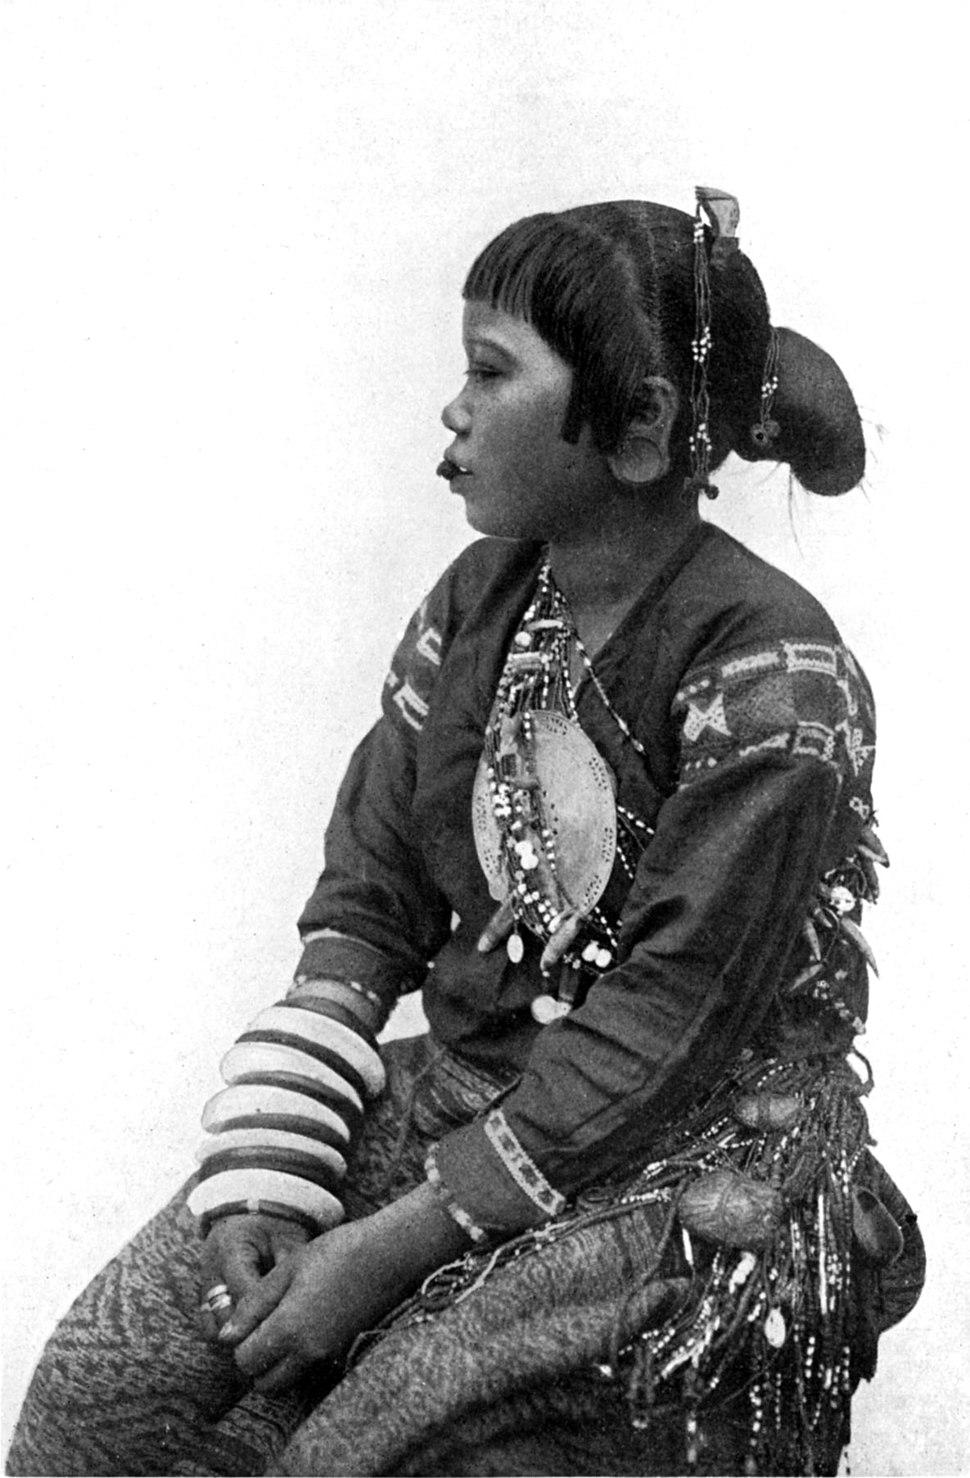 A Mangyan woman